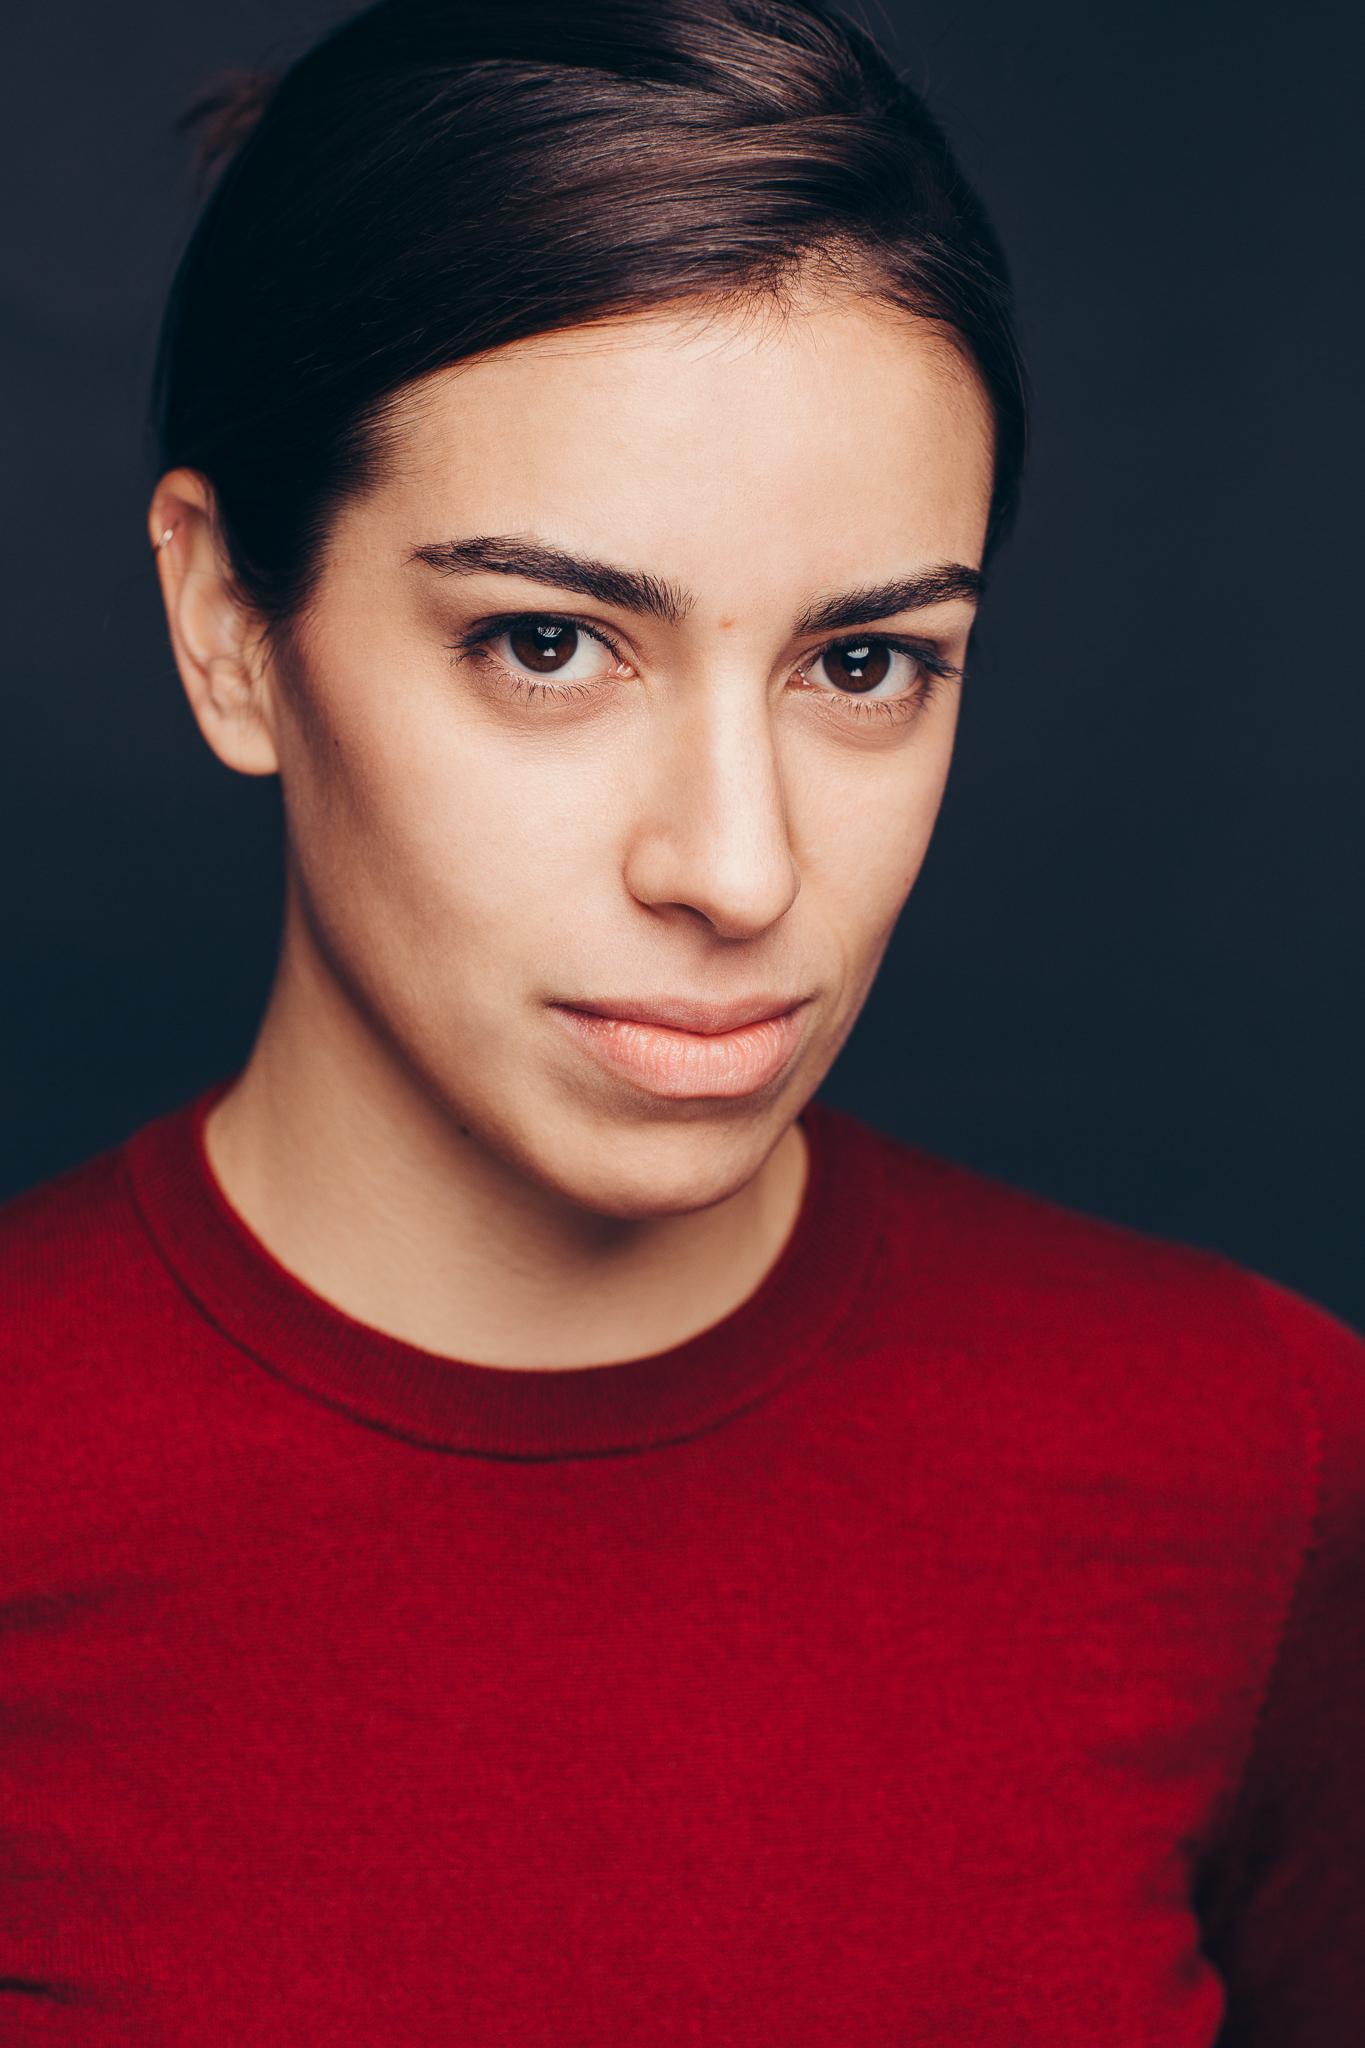 Camila-Pujol-Ochoa-by-HEIN-Photography-03-web.jpg